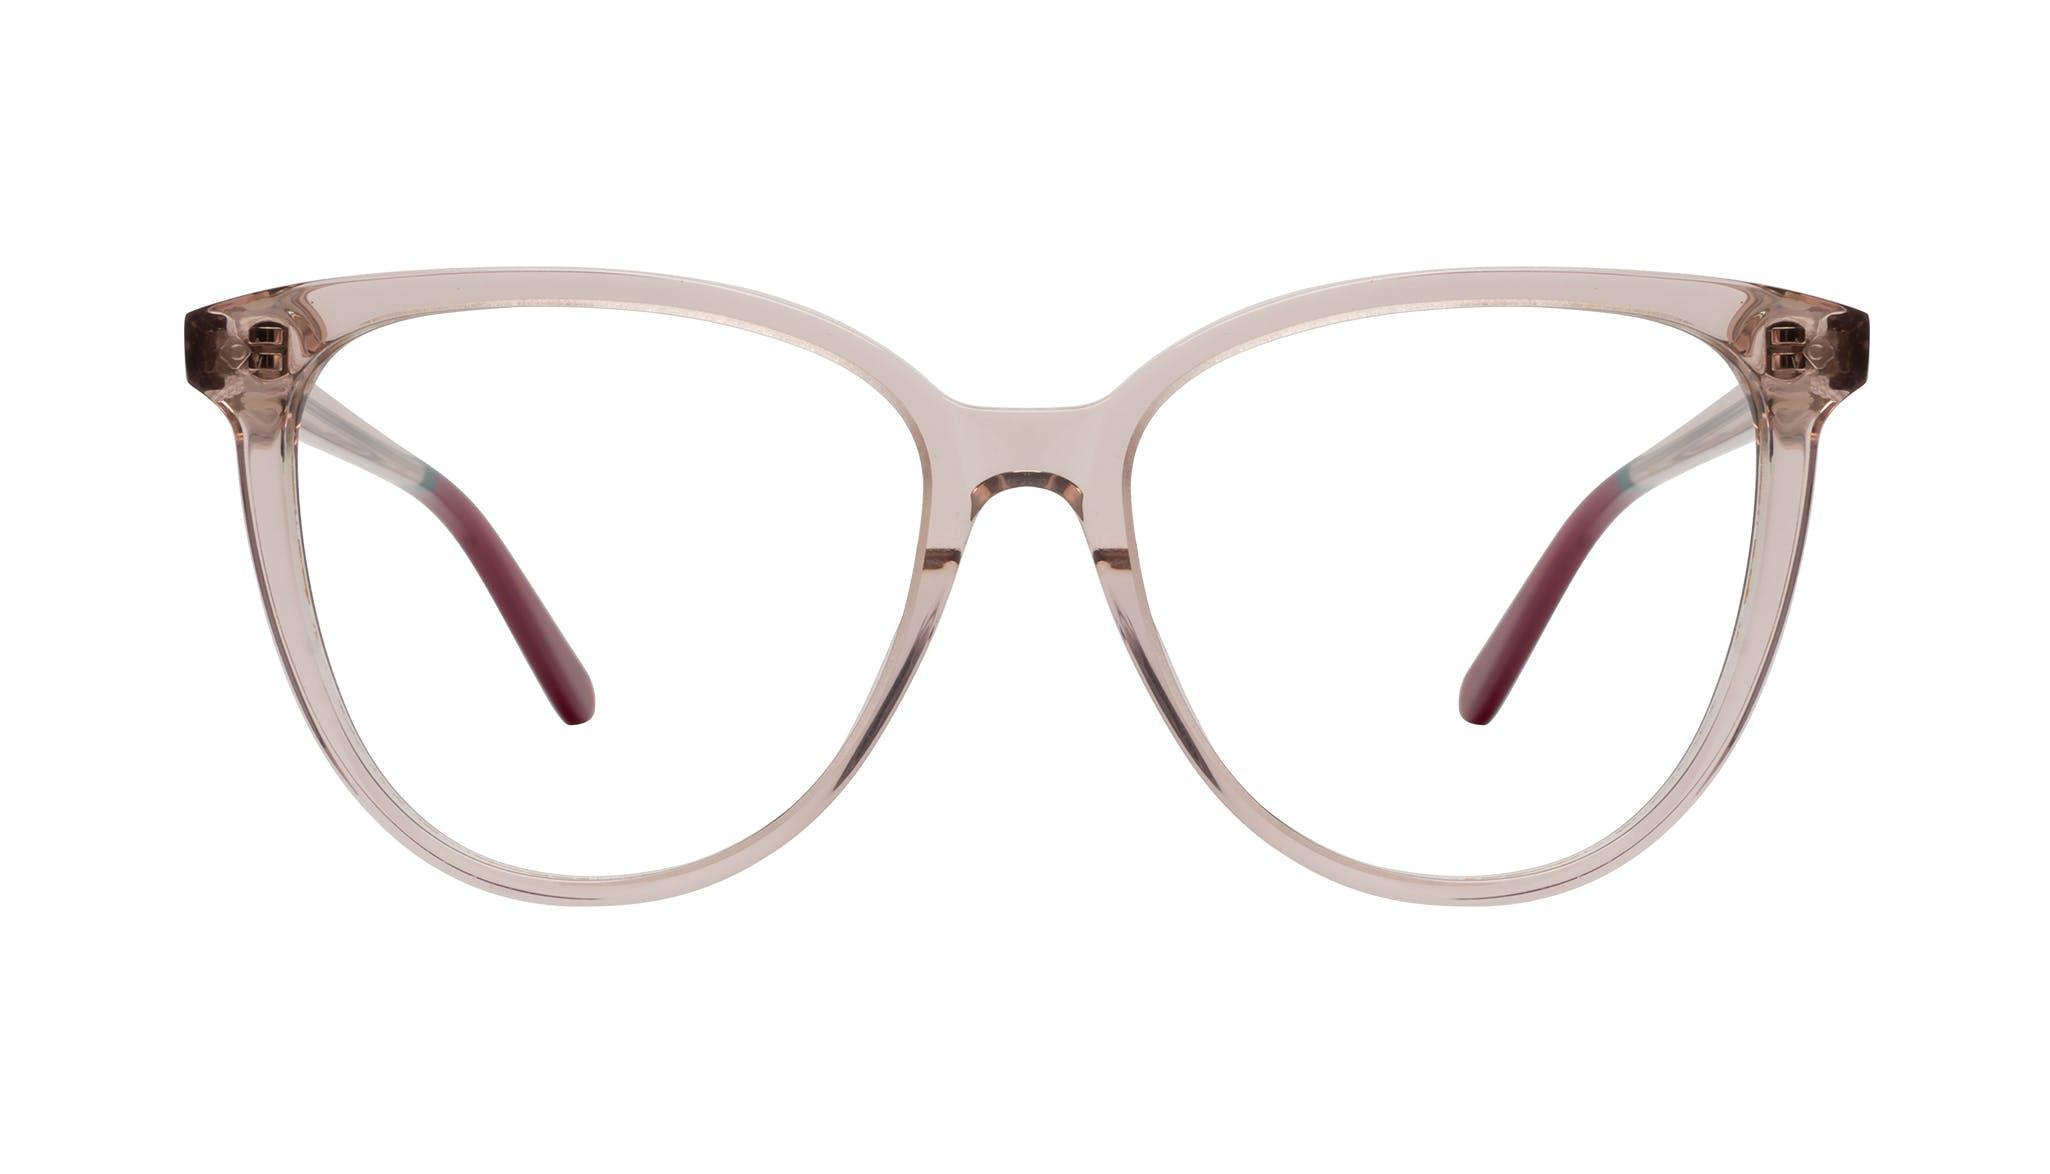 Lunettes tendance Oeil de chat Lunettes de vue Femmes Jane Rose Face